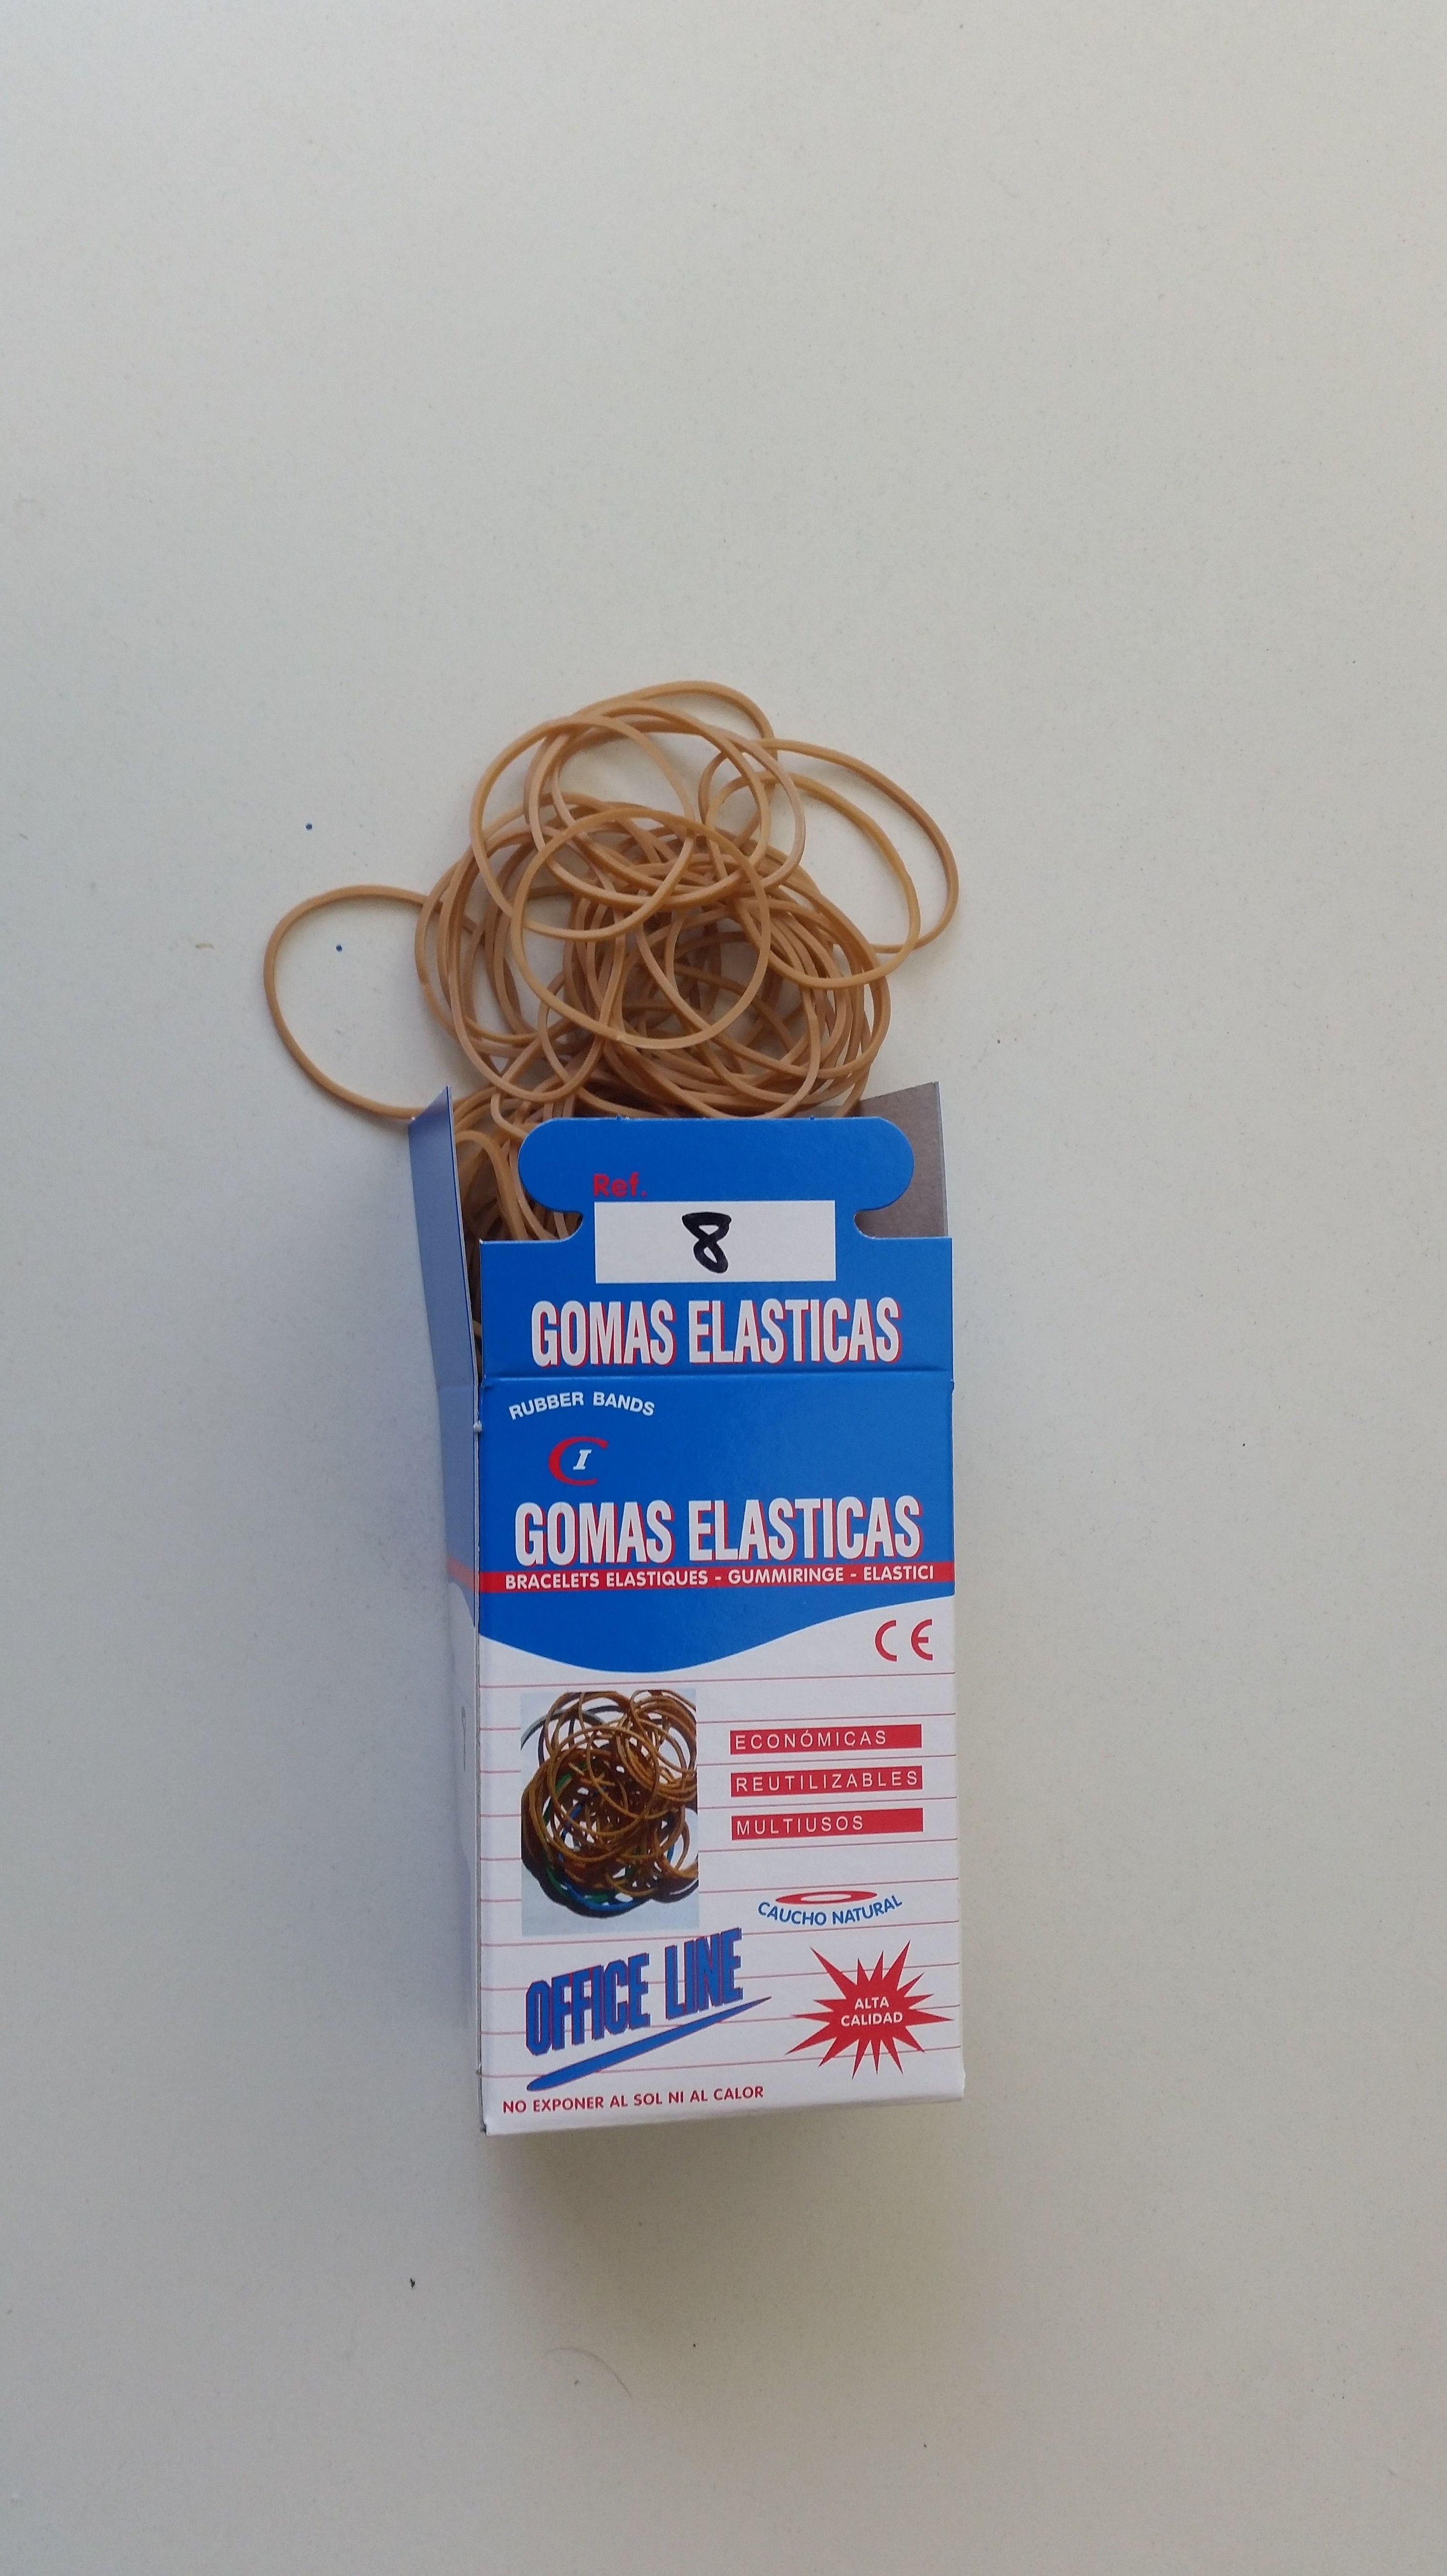 Cajas Gomas Elásticas de 100 Gr: Productos y Servicios de Cobo Industrial Elastec